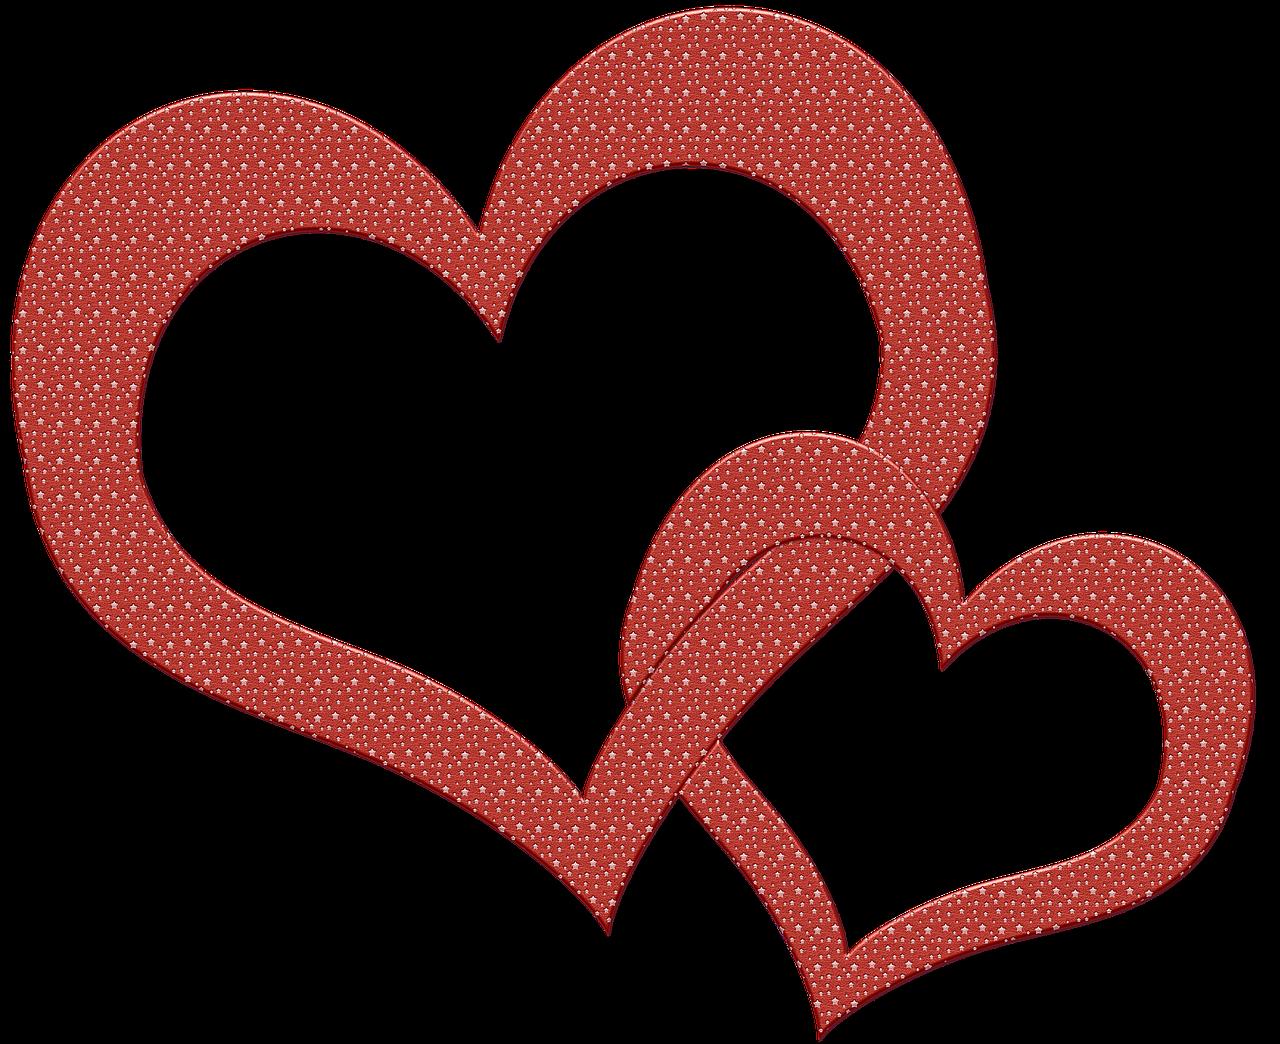 Hearts clipart bouquet. Is a fruit proper